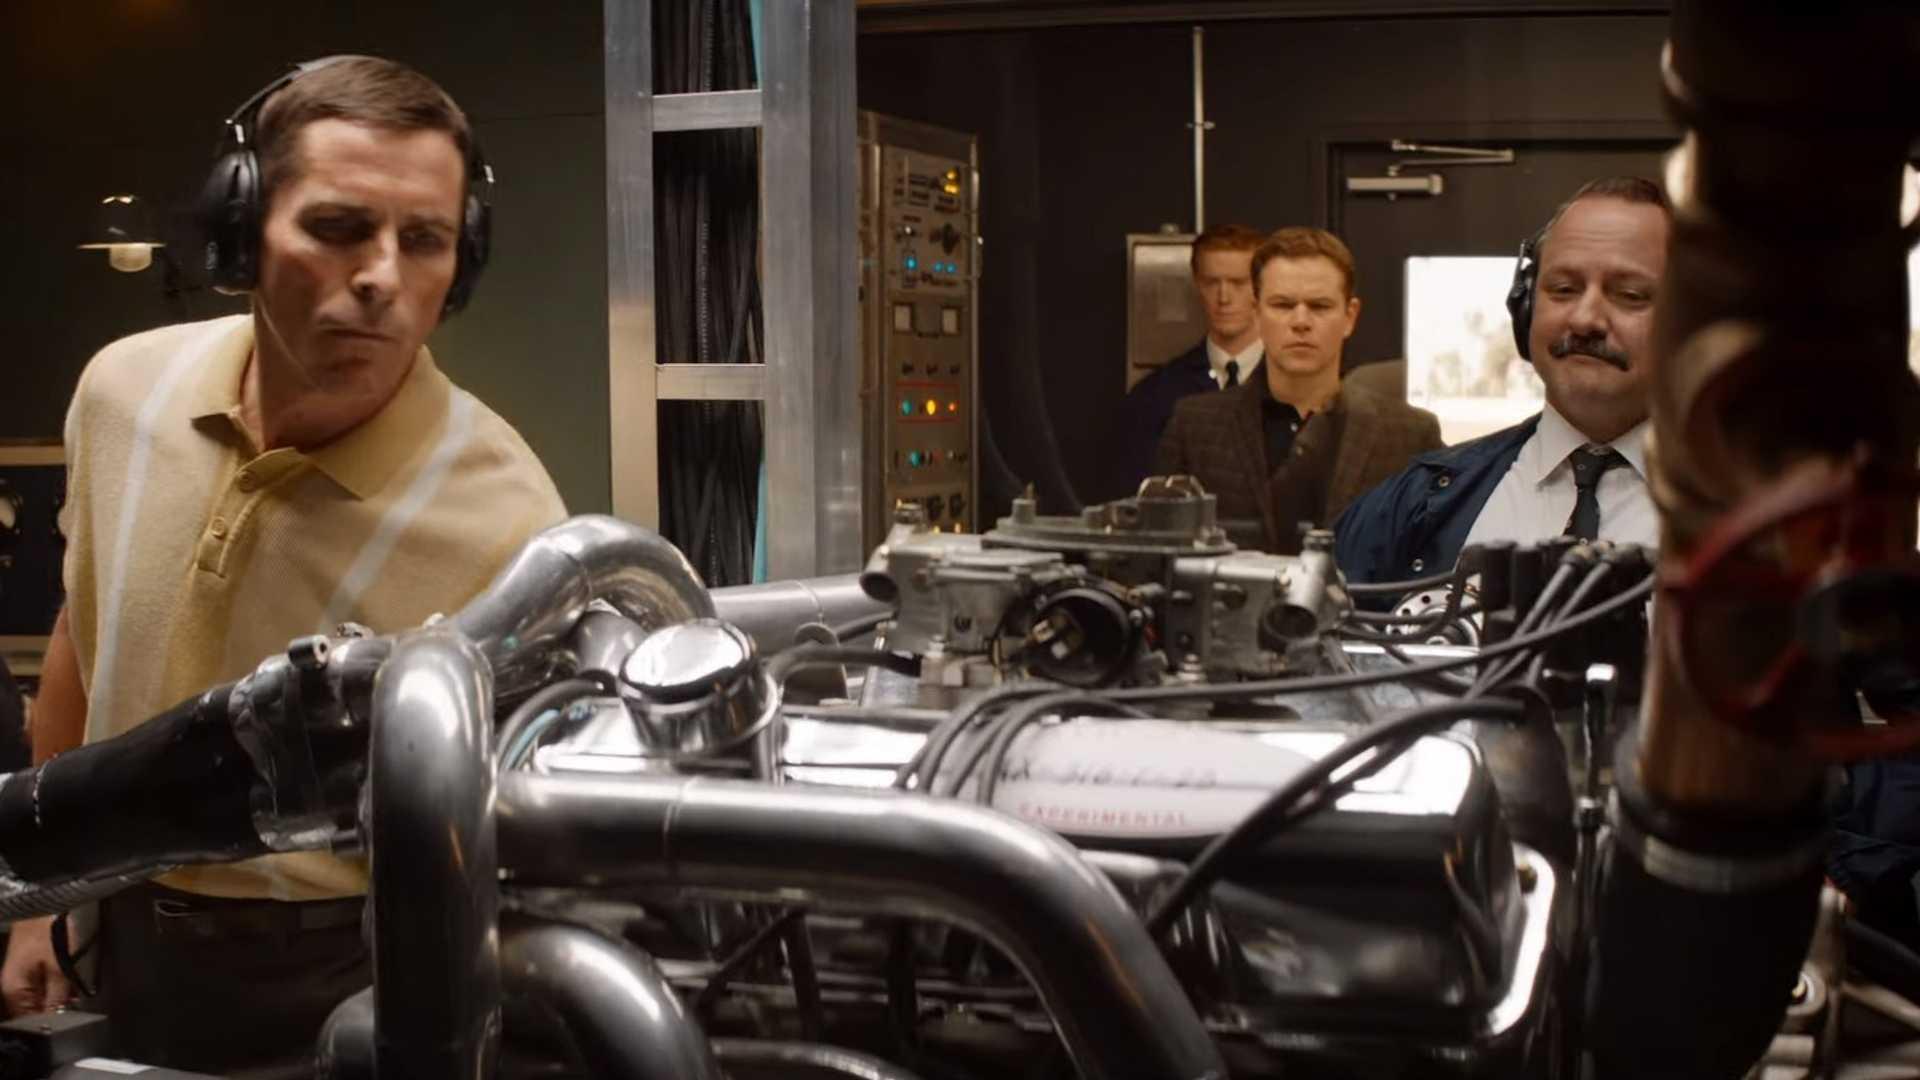 ford-v-ferrari-screenshot-from-trailer.jpg